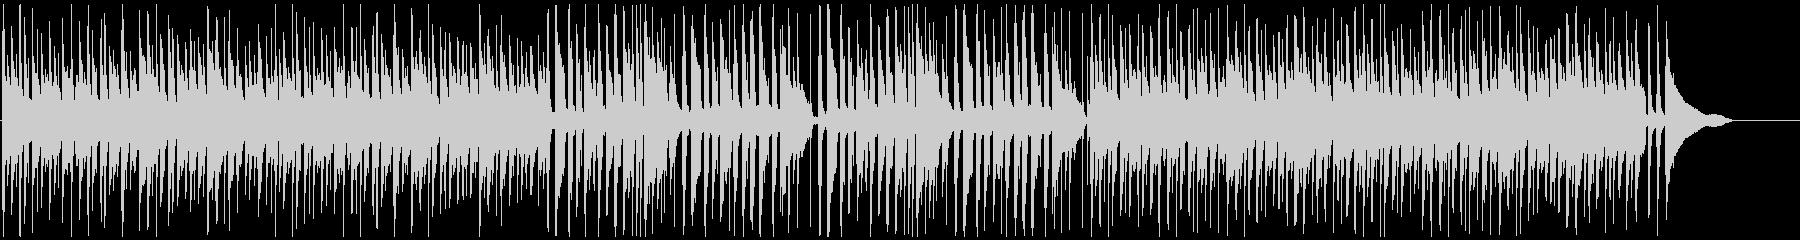 CMや映像に ピアノボサノバでまったりの未再生の波形